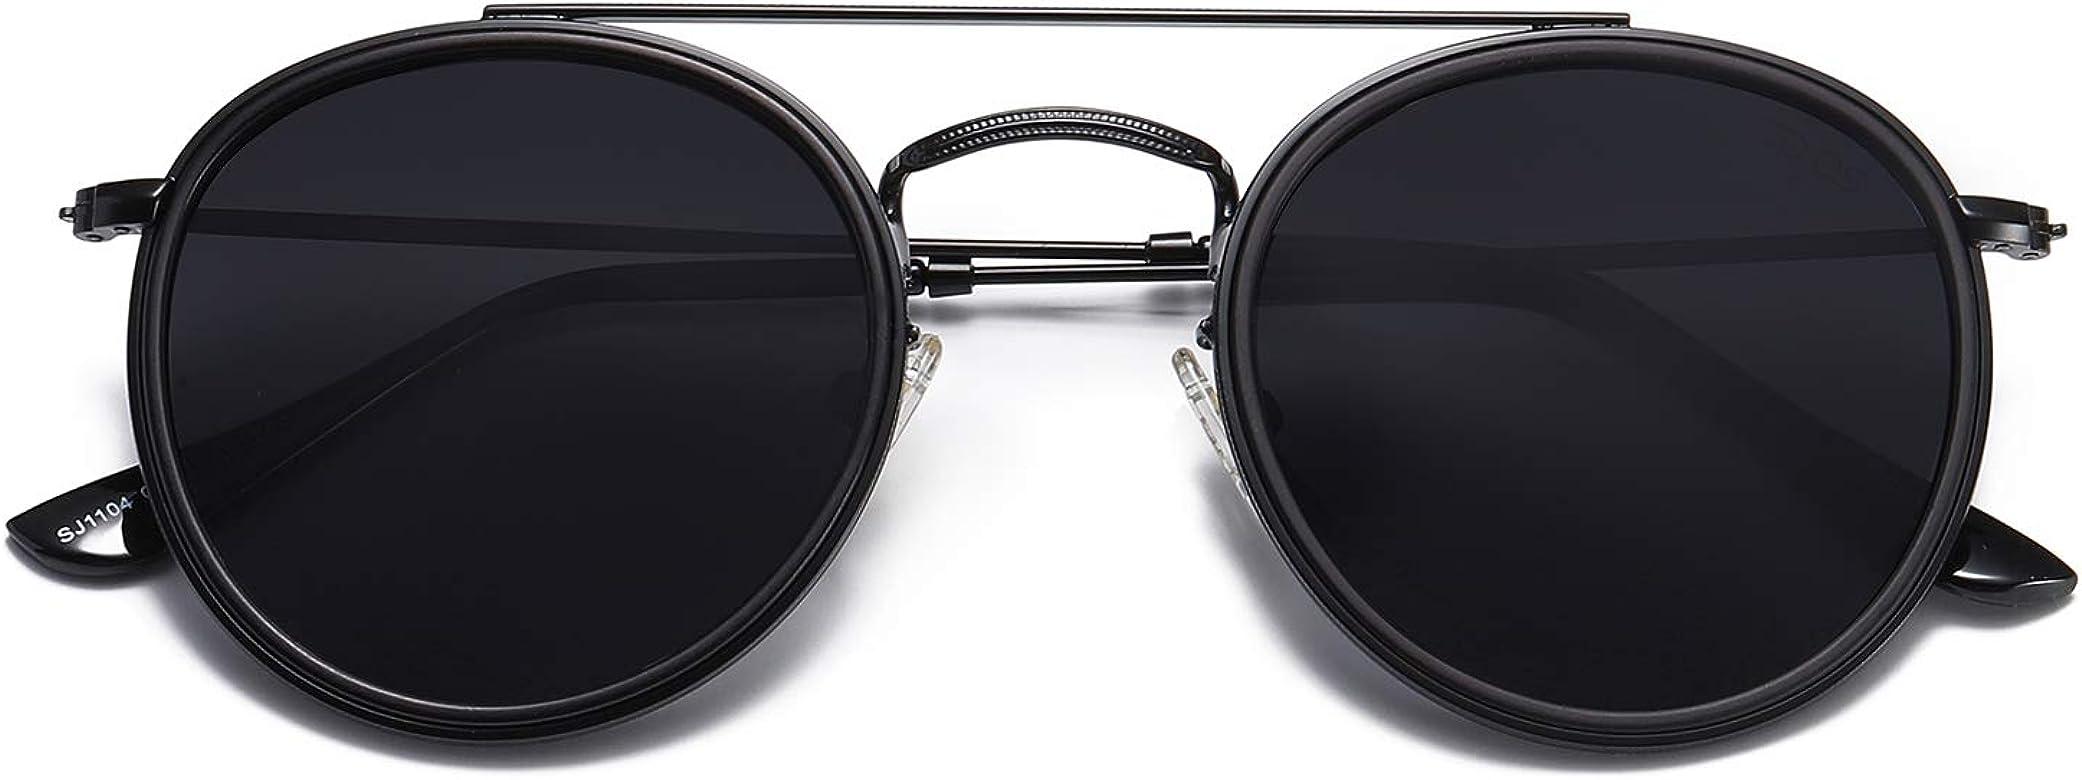 SOJOS Occhiali da Sole Uomo e Donna Rotondi Polarizzati Doppio Ponte Specchiati Montatura in Metallo Unisex SUNSET SJ1104